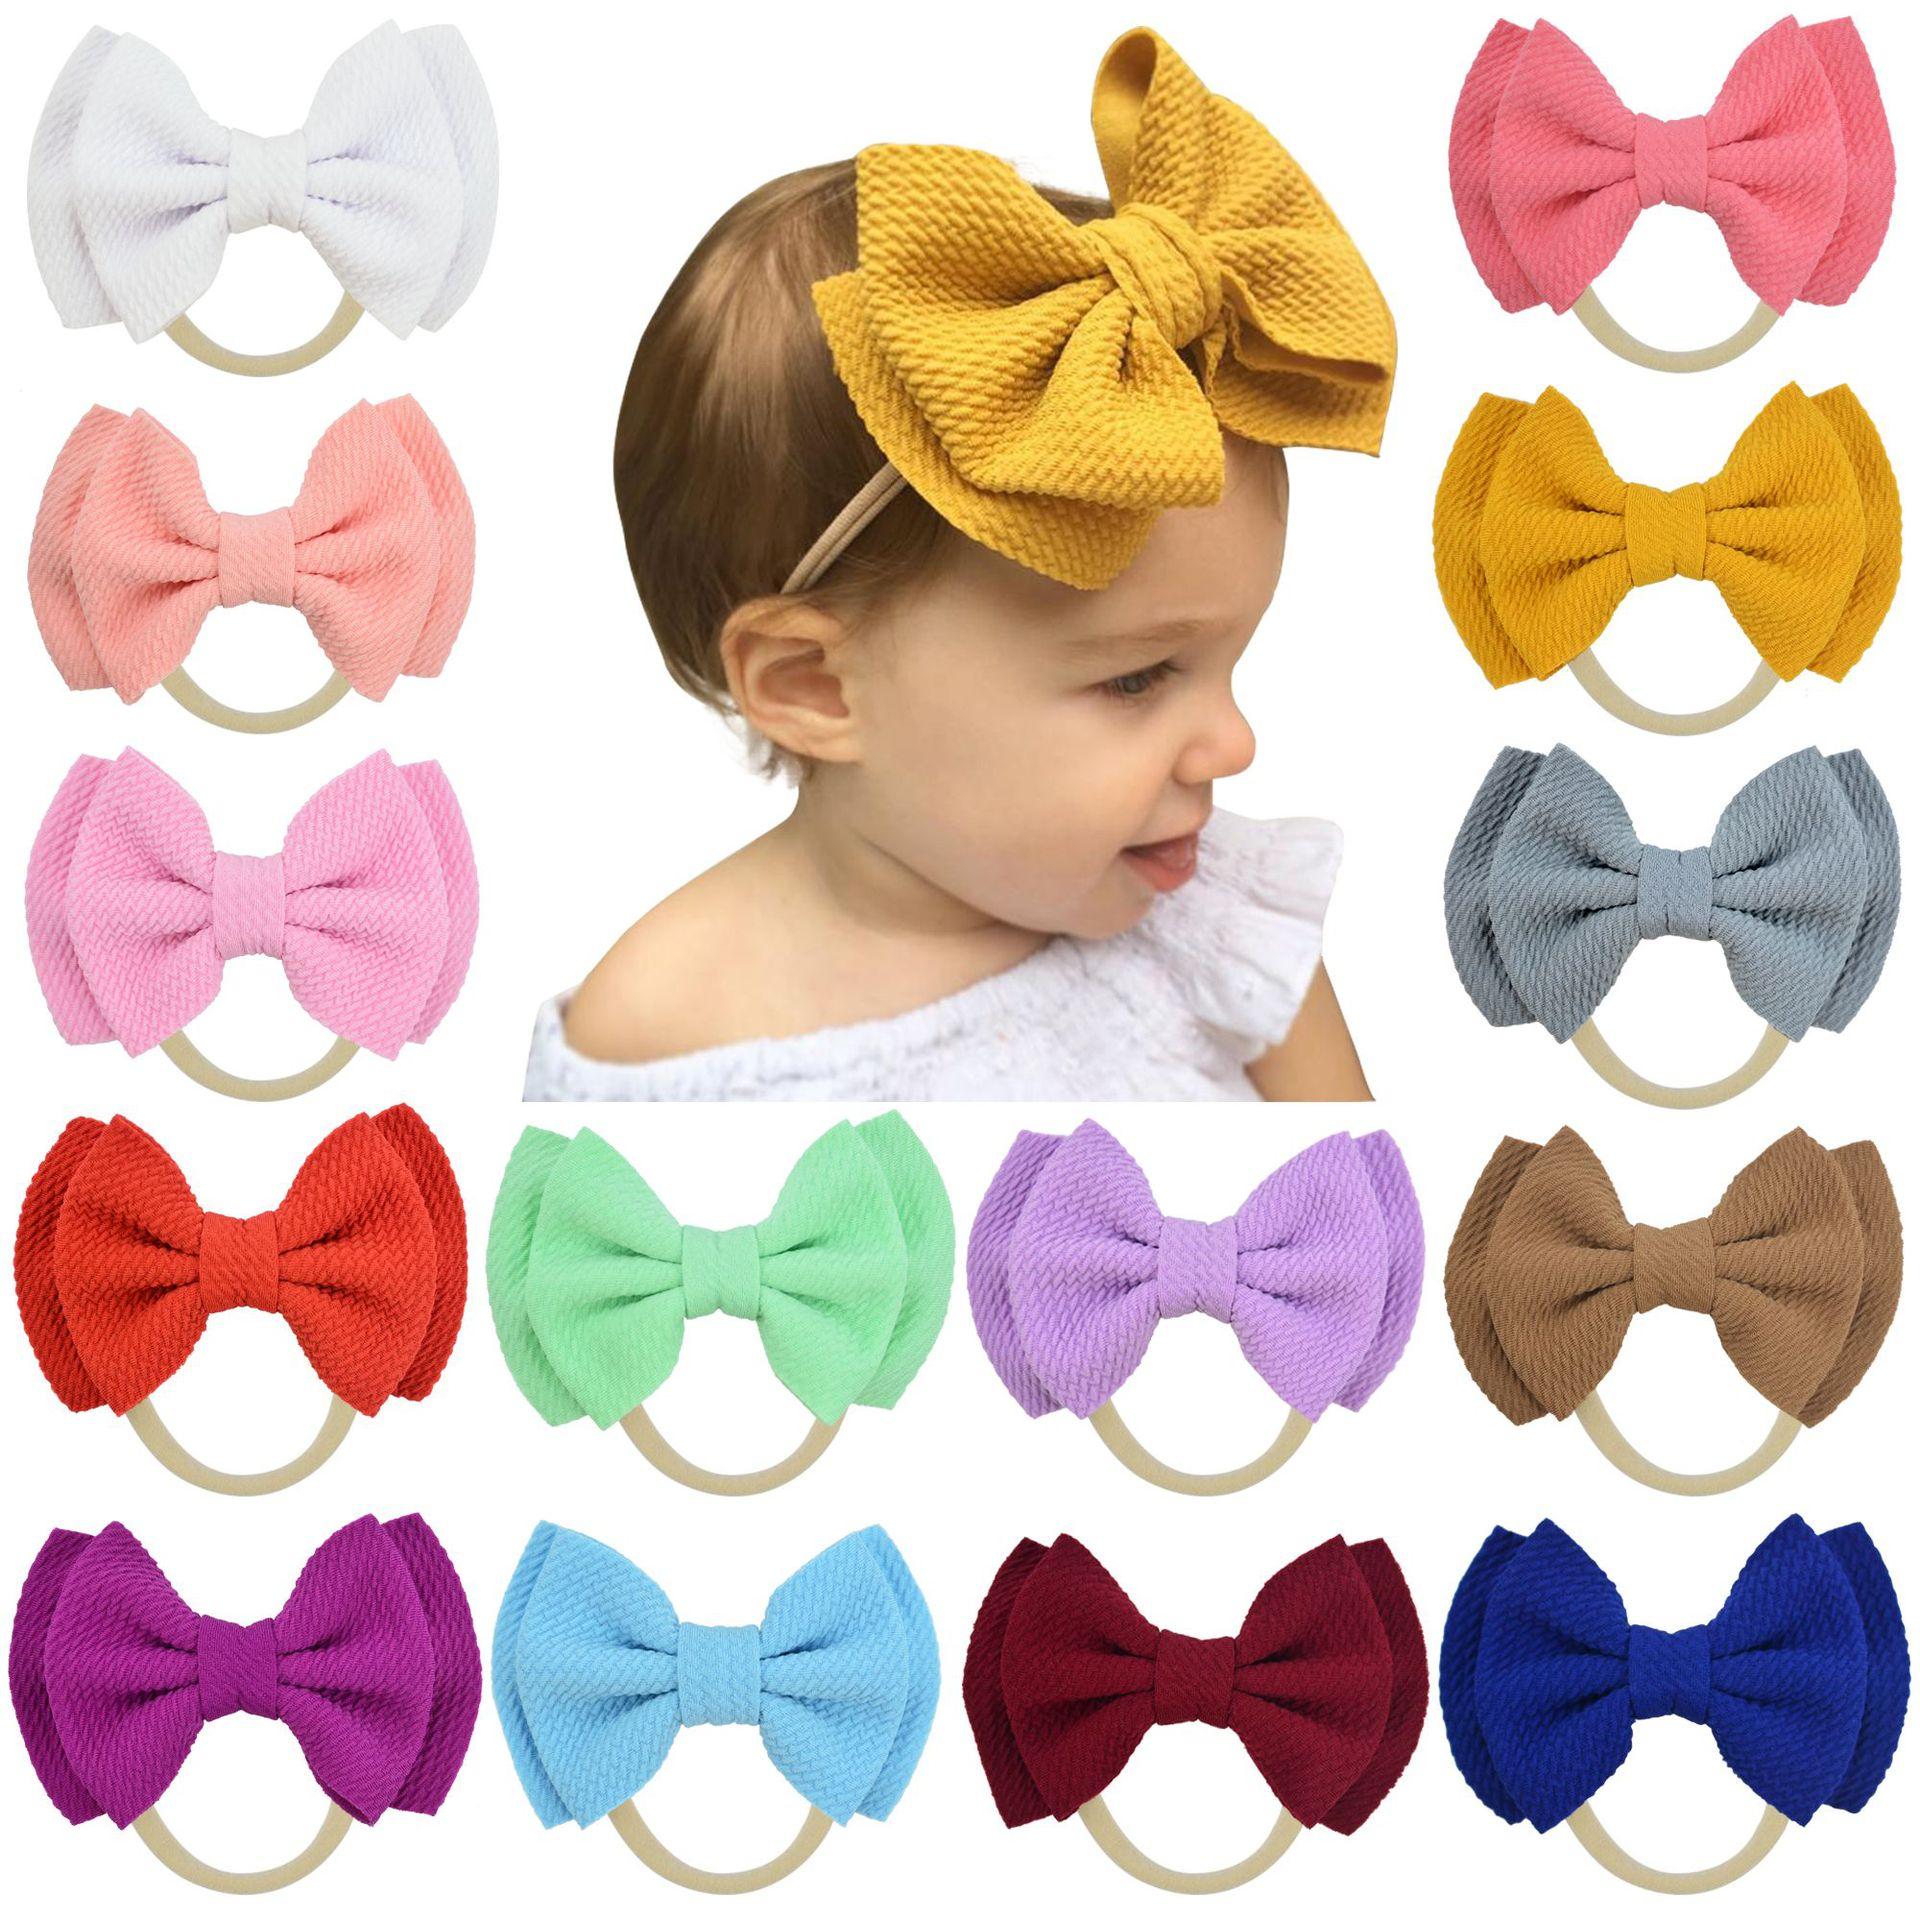 2019 New Baby Headband Baby Girl Headbands For Girls Turban Baby Haarbandjes Baby Bows Headband Nylon Bow Hair Accessories